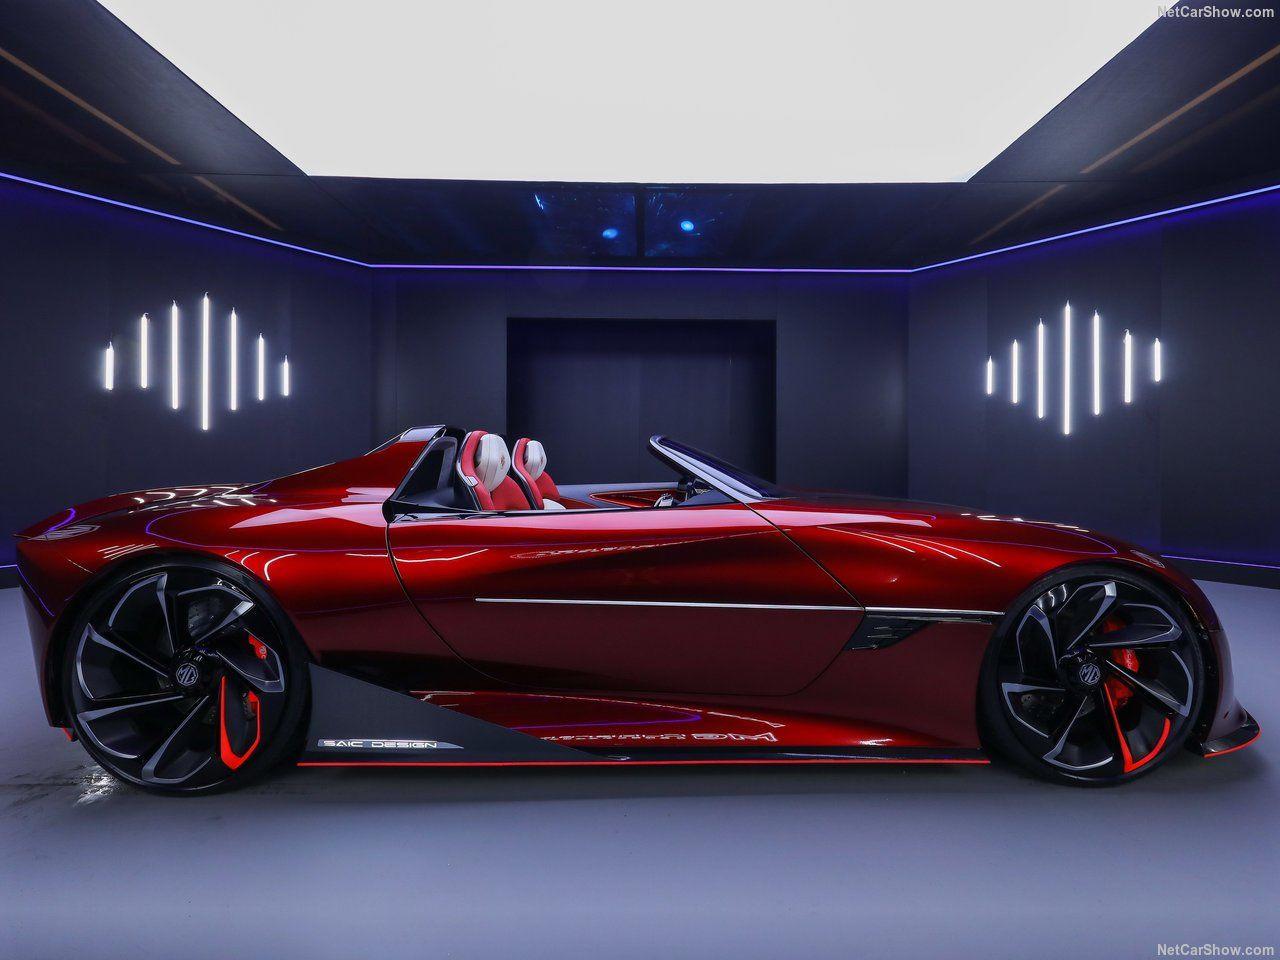 MG Cyberster ile geleceğe dönüş! 3 saniyede 100 kilometre hız - Sayfa 2